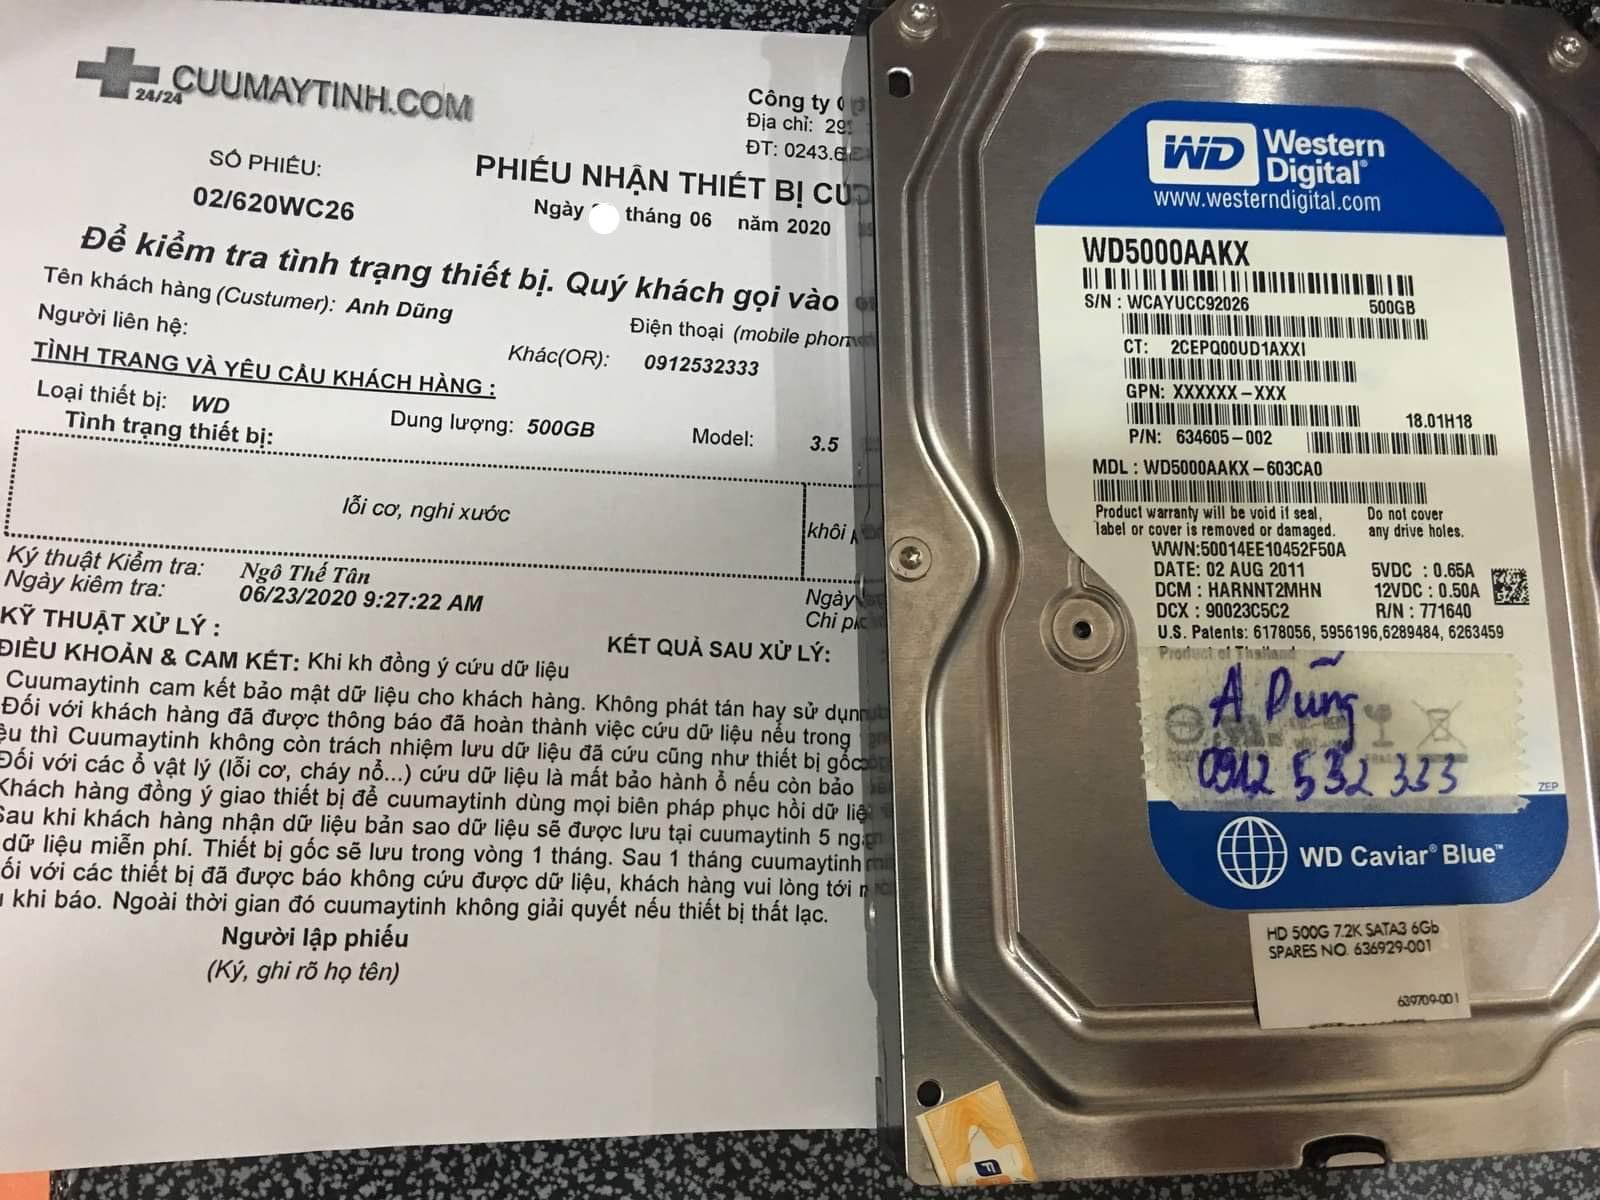 Phục hồi dữ liệu ổ cứng Western 500GB lỗi cơ 29/06/2020 - cuumaytinh